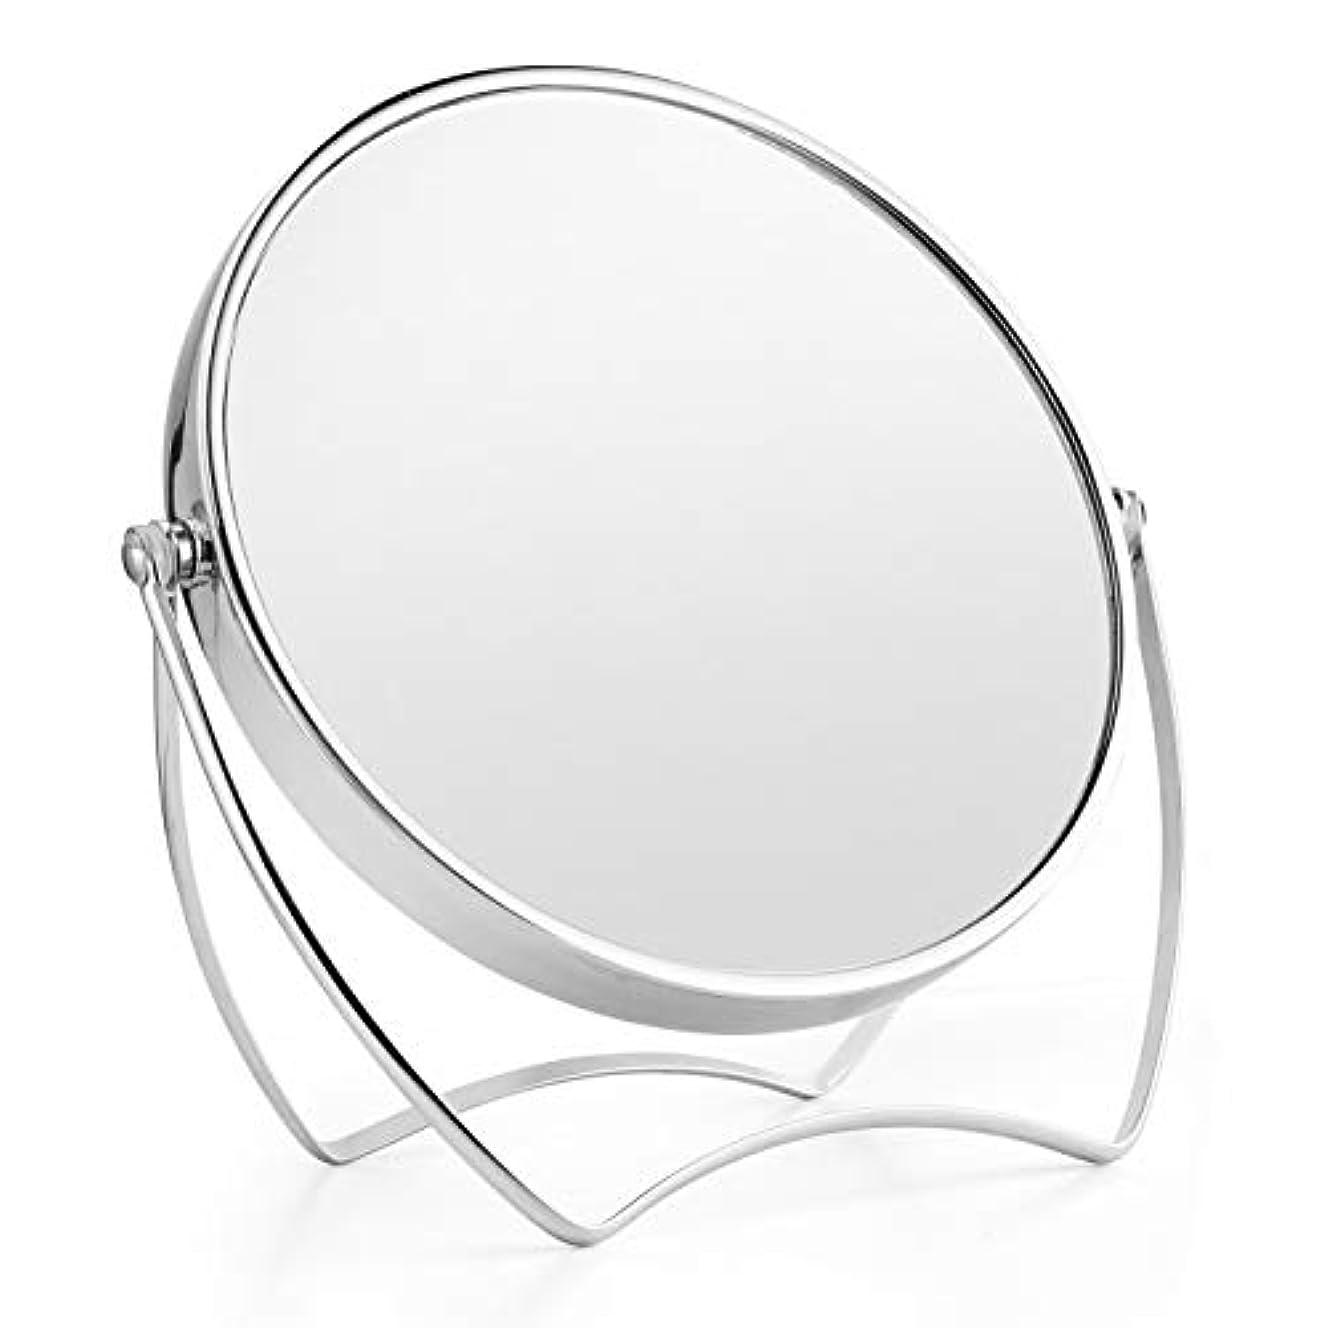 強います暴露する先生卓上ミラー 化粧鏡 1倍/5倍拡大鏡 メイクミラー 両面化粧鏡 ラウンドミラー 女優ミラー スタンドミラー 卓上鏡 360°回転ブラケット メタルフレームバニティミラー 寝室や浴室に適しています(15cm)